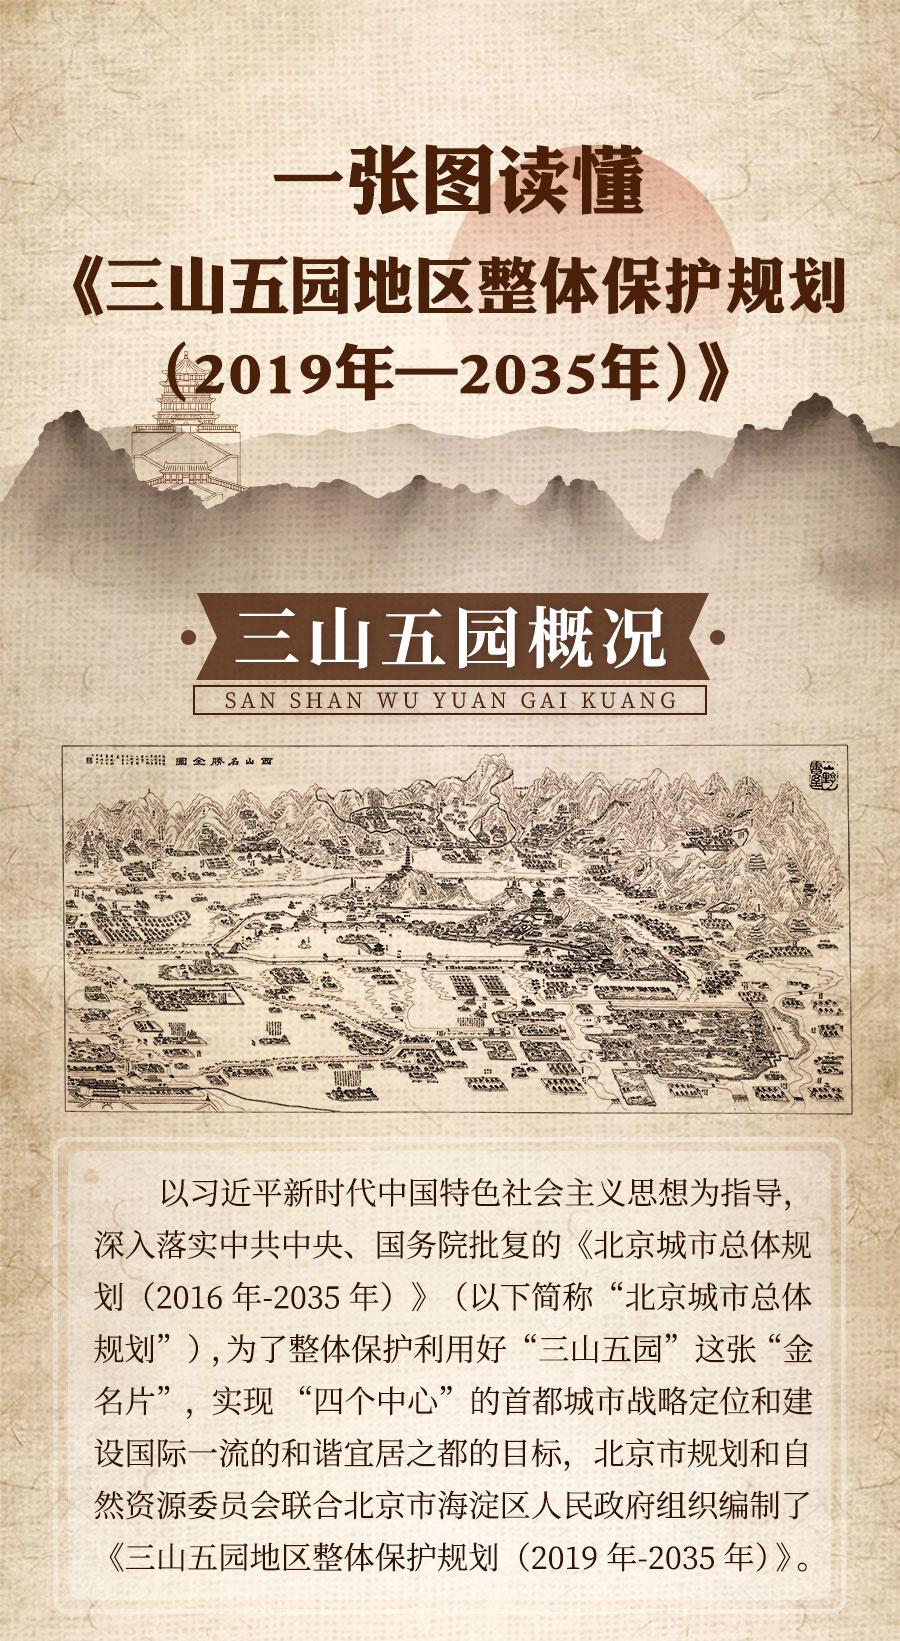 北京《三山五园地区整体保护规划(2019年-2035年)》(草案)